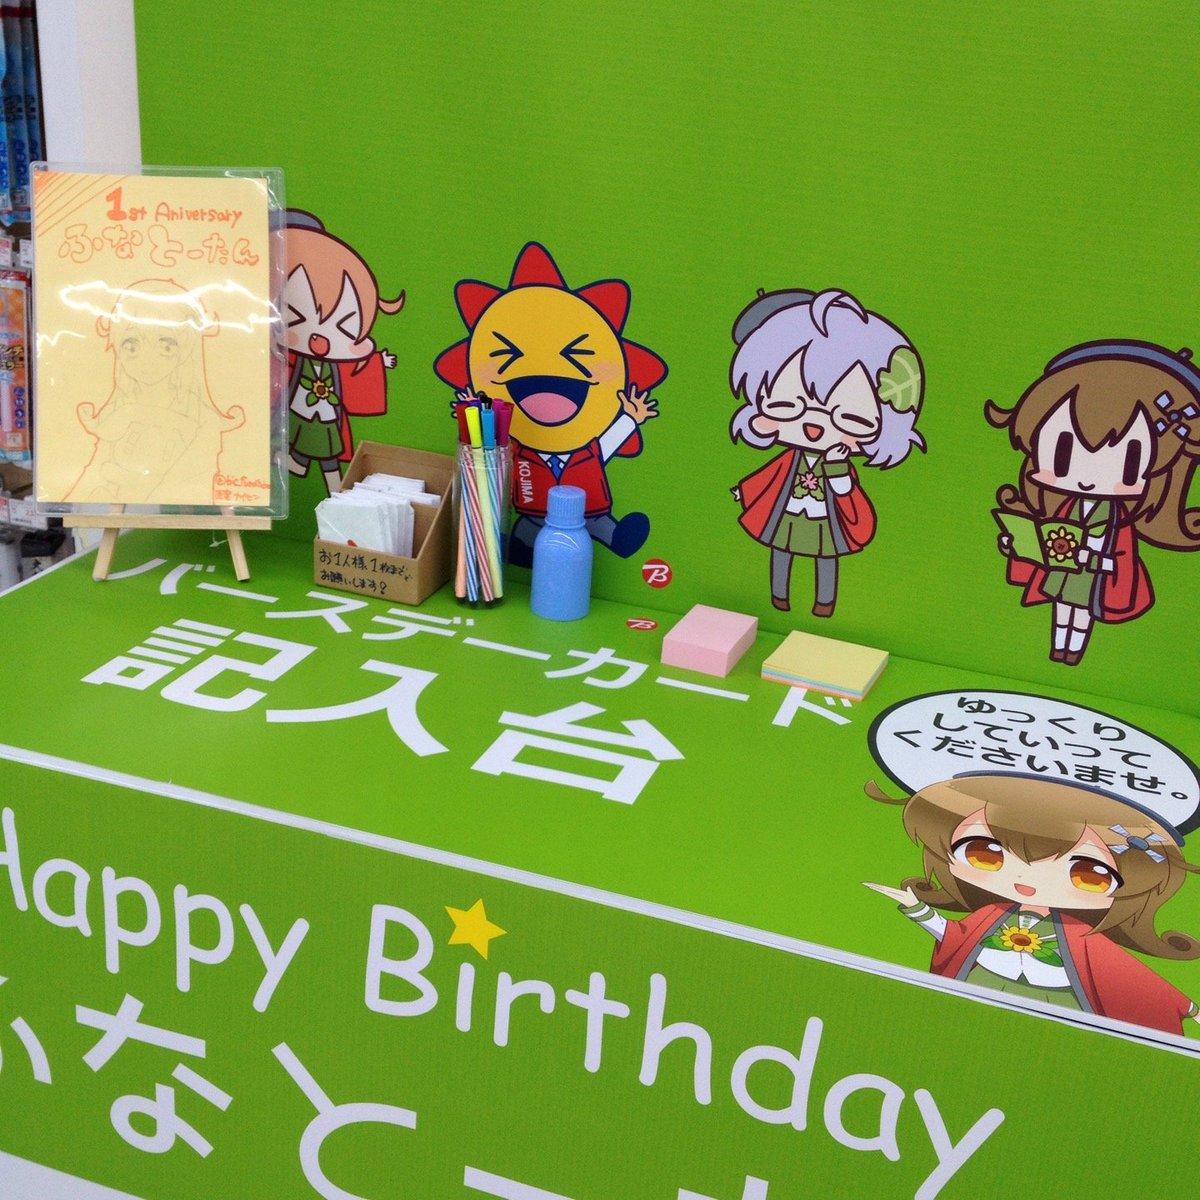 ビックカメラ 船橋東武店 ふなとーたん誕生日 メッセージボード